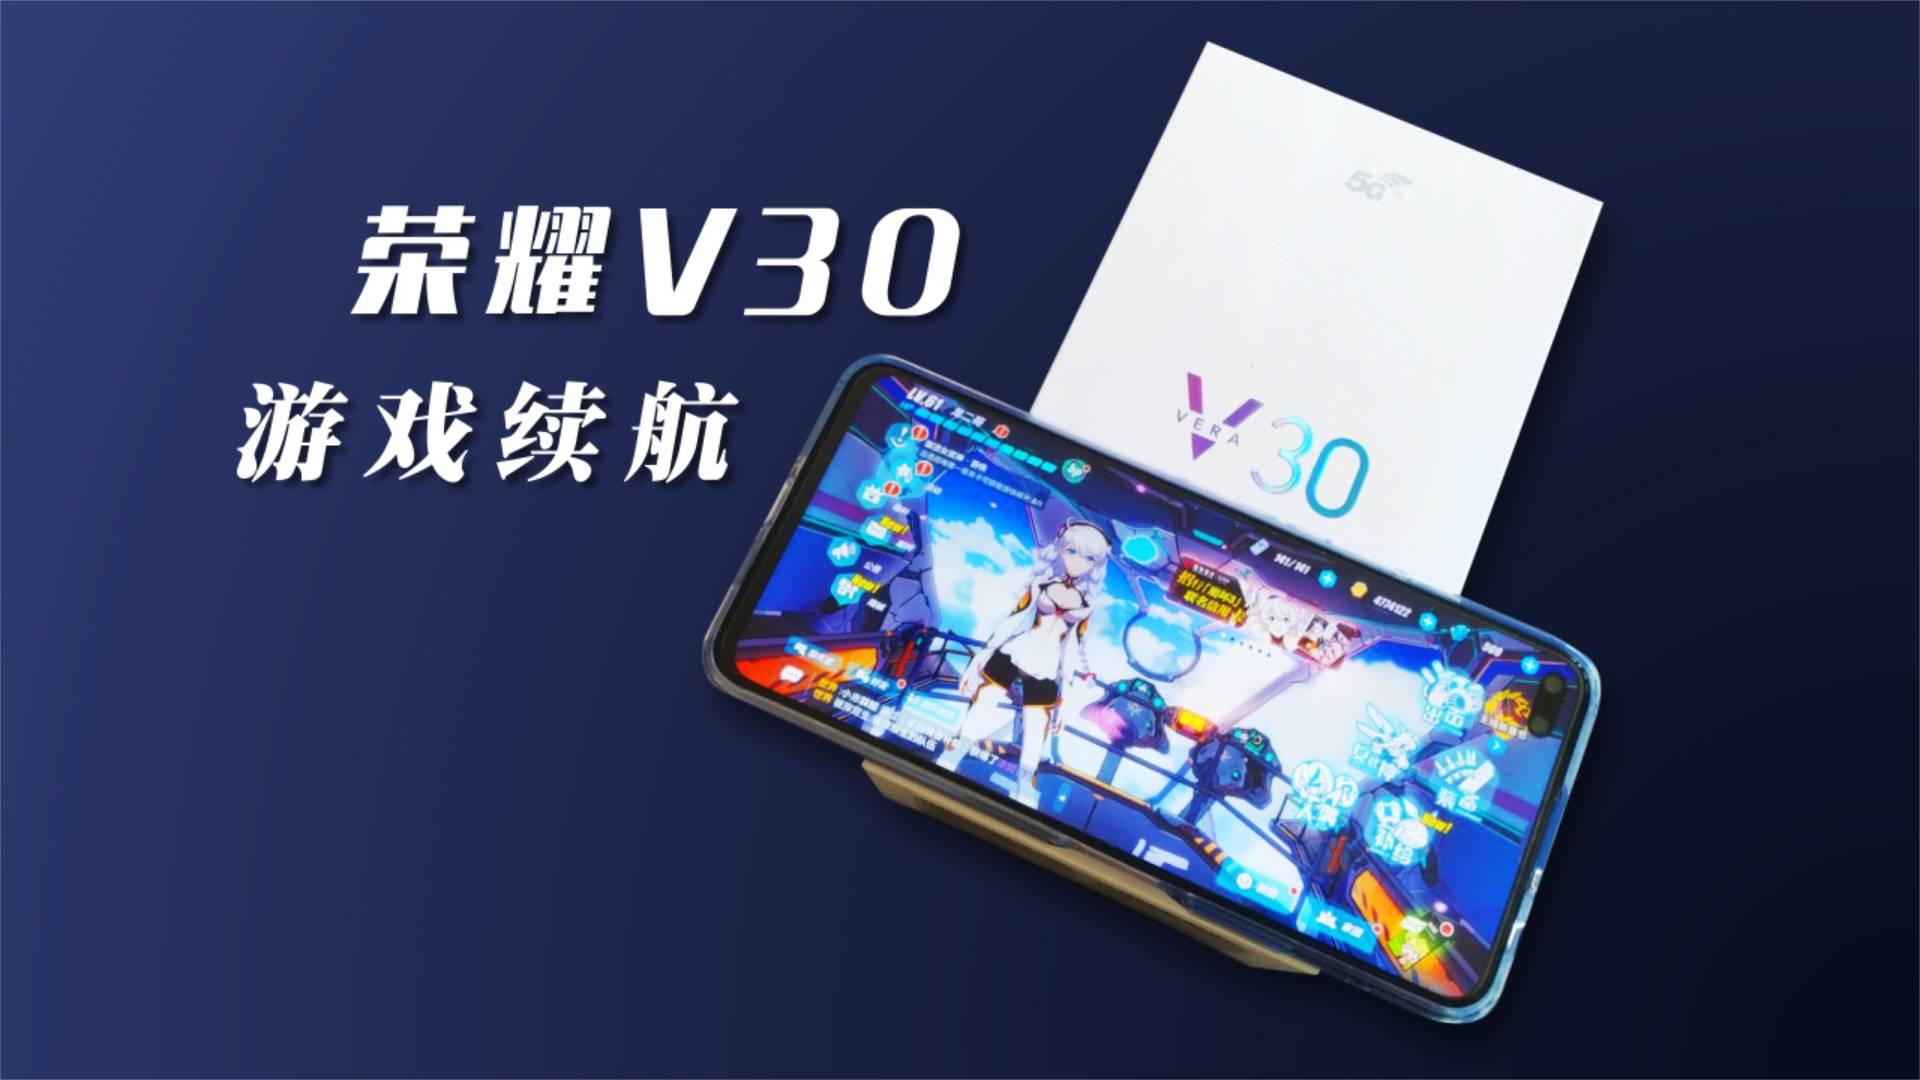 超出预期!荣耀V30 【崩坏3】游戏续航!